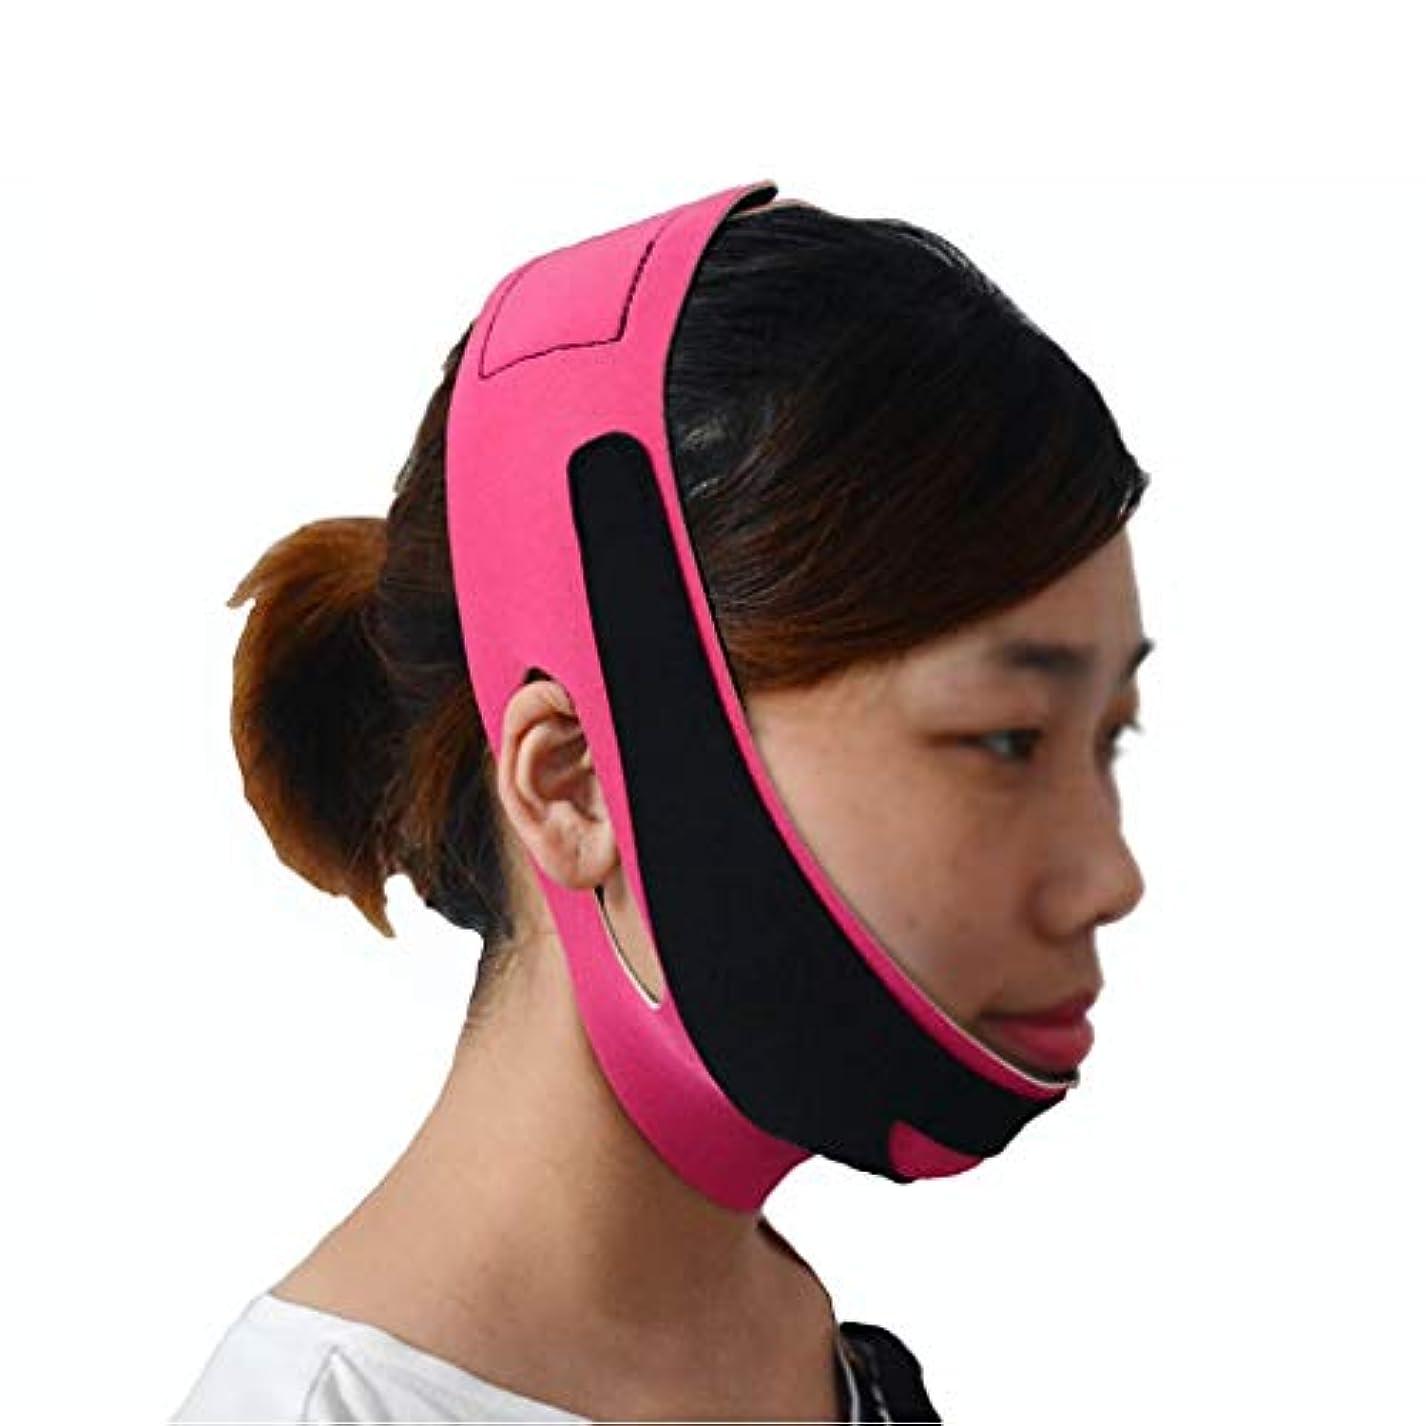 ダイバー質量一致するXHLMRMJ 顔面マスク、顔面リフトマスク薄い顔をあごに薄く包帯V顔アーティファクトに直面する